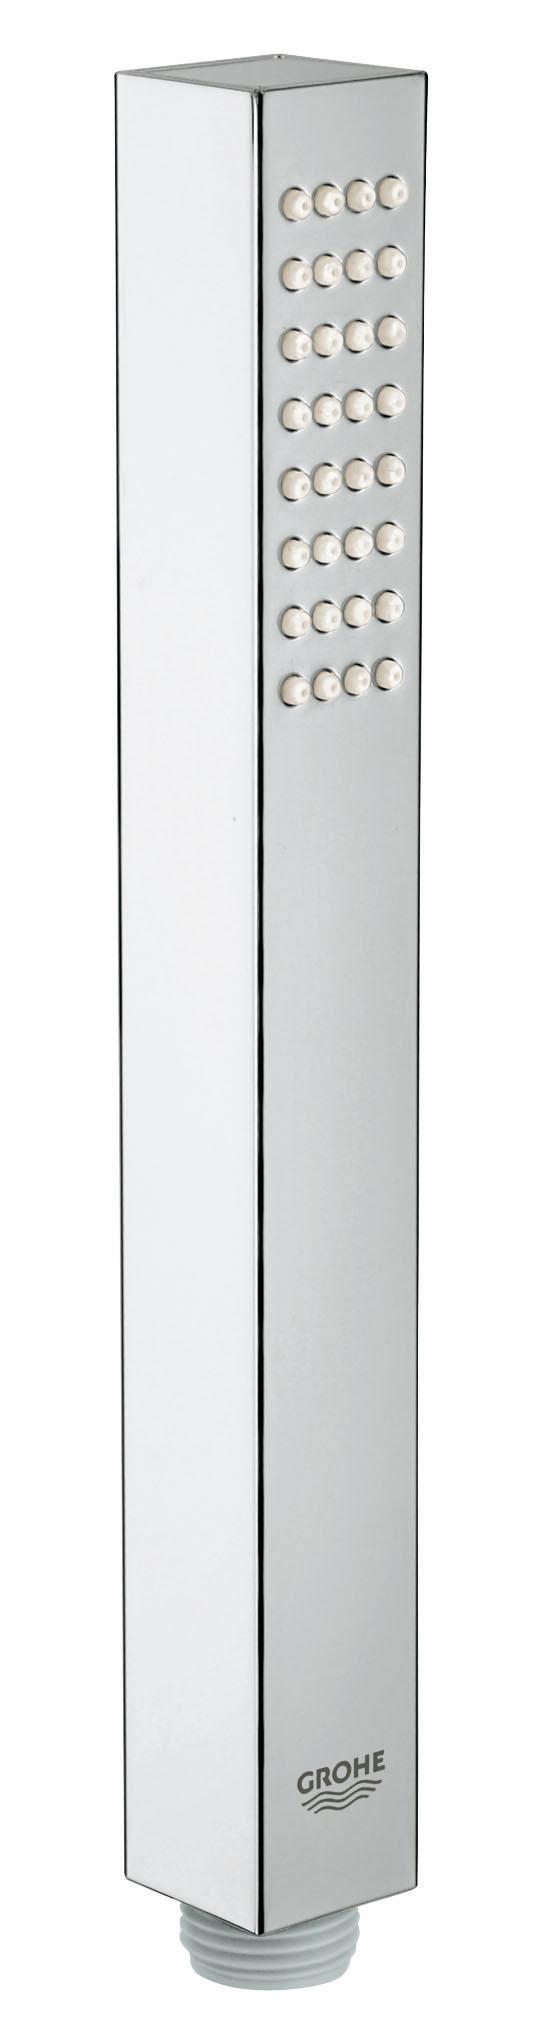 Ручной душ GROHE Euphoria Cube (1 режим) (27698000)BL505GROHE DreamSpray превосходный поток воды GROHE StarLight хромированная поверхностьС системой SpeedClean против известковых отложений Внутренний охлаждающий канал для продолжительного срока службы Может использоваться с проточным водонагревателем Универсальное крепление, подходящее к любому стандартному шлангуВидео по установке является исключительно информационным. Установка должна проводиться профессионалами!